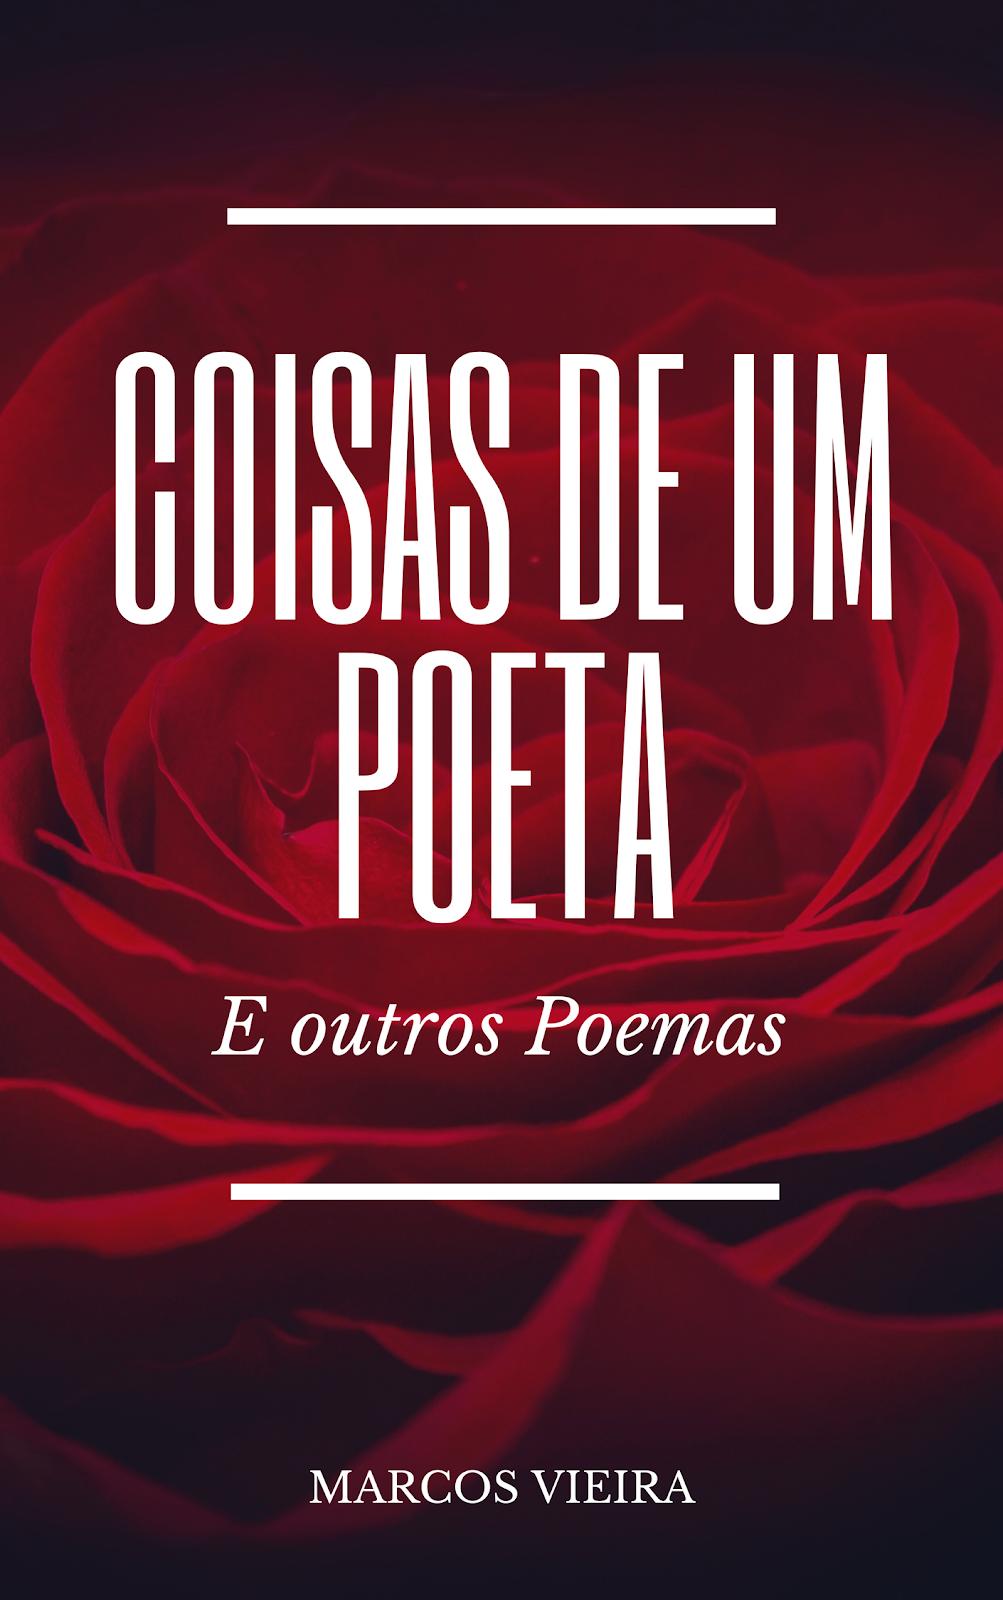 Coisas de um Poeta e Outros Poemas